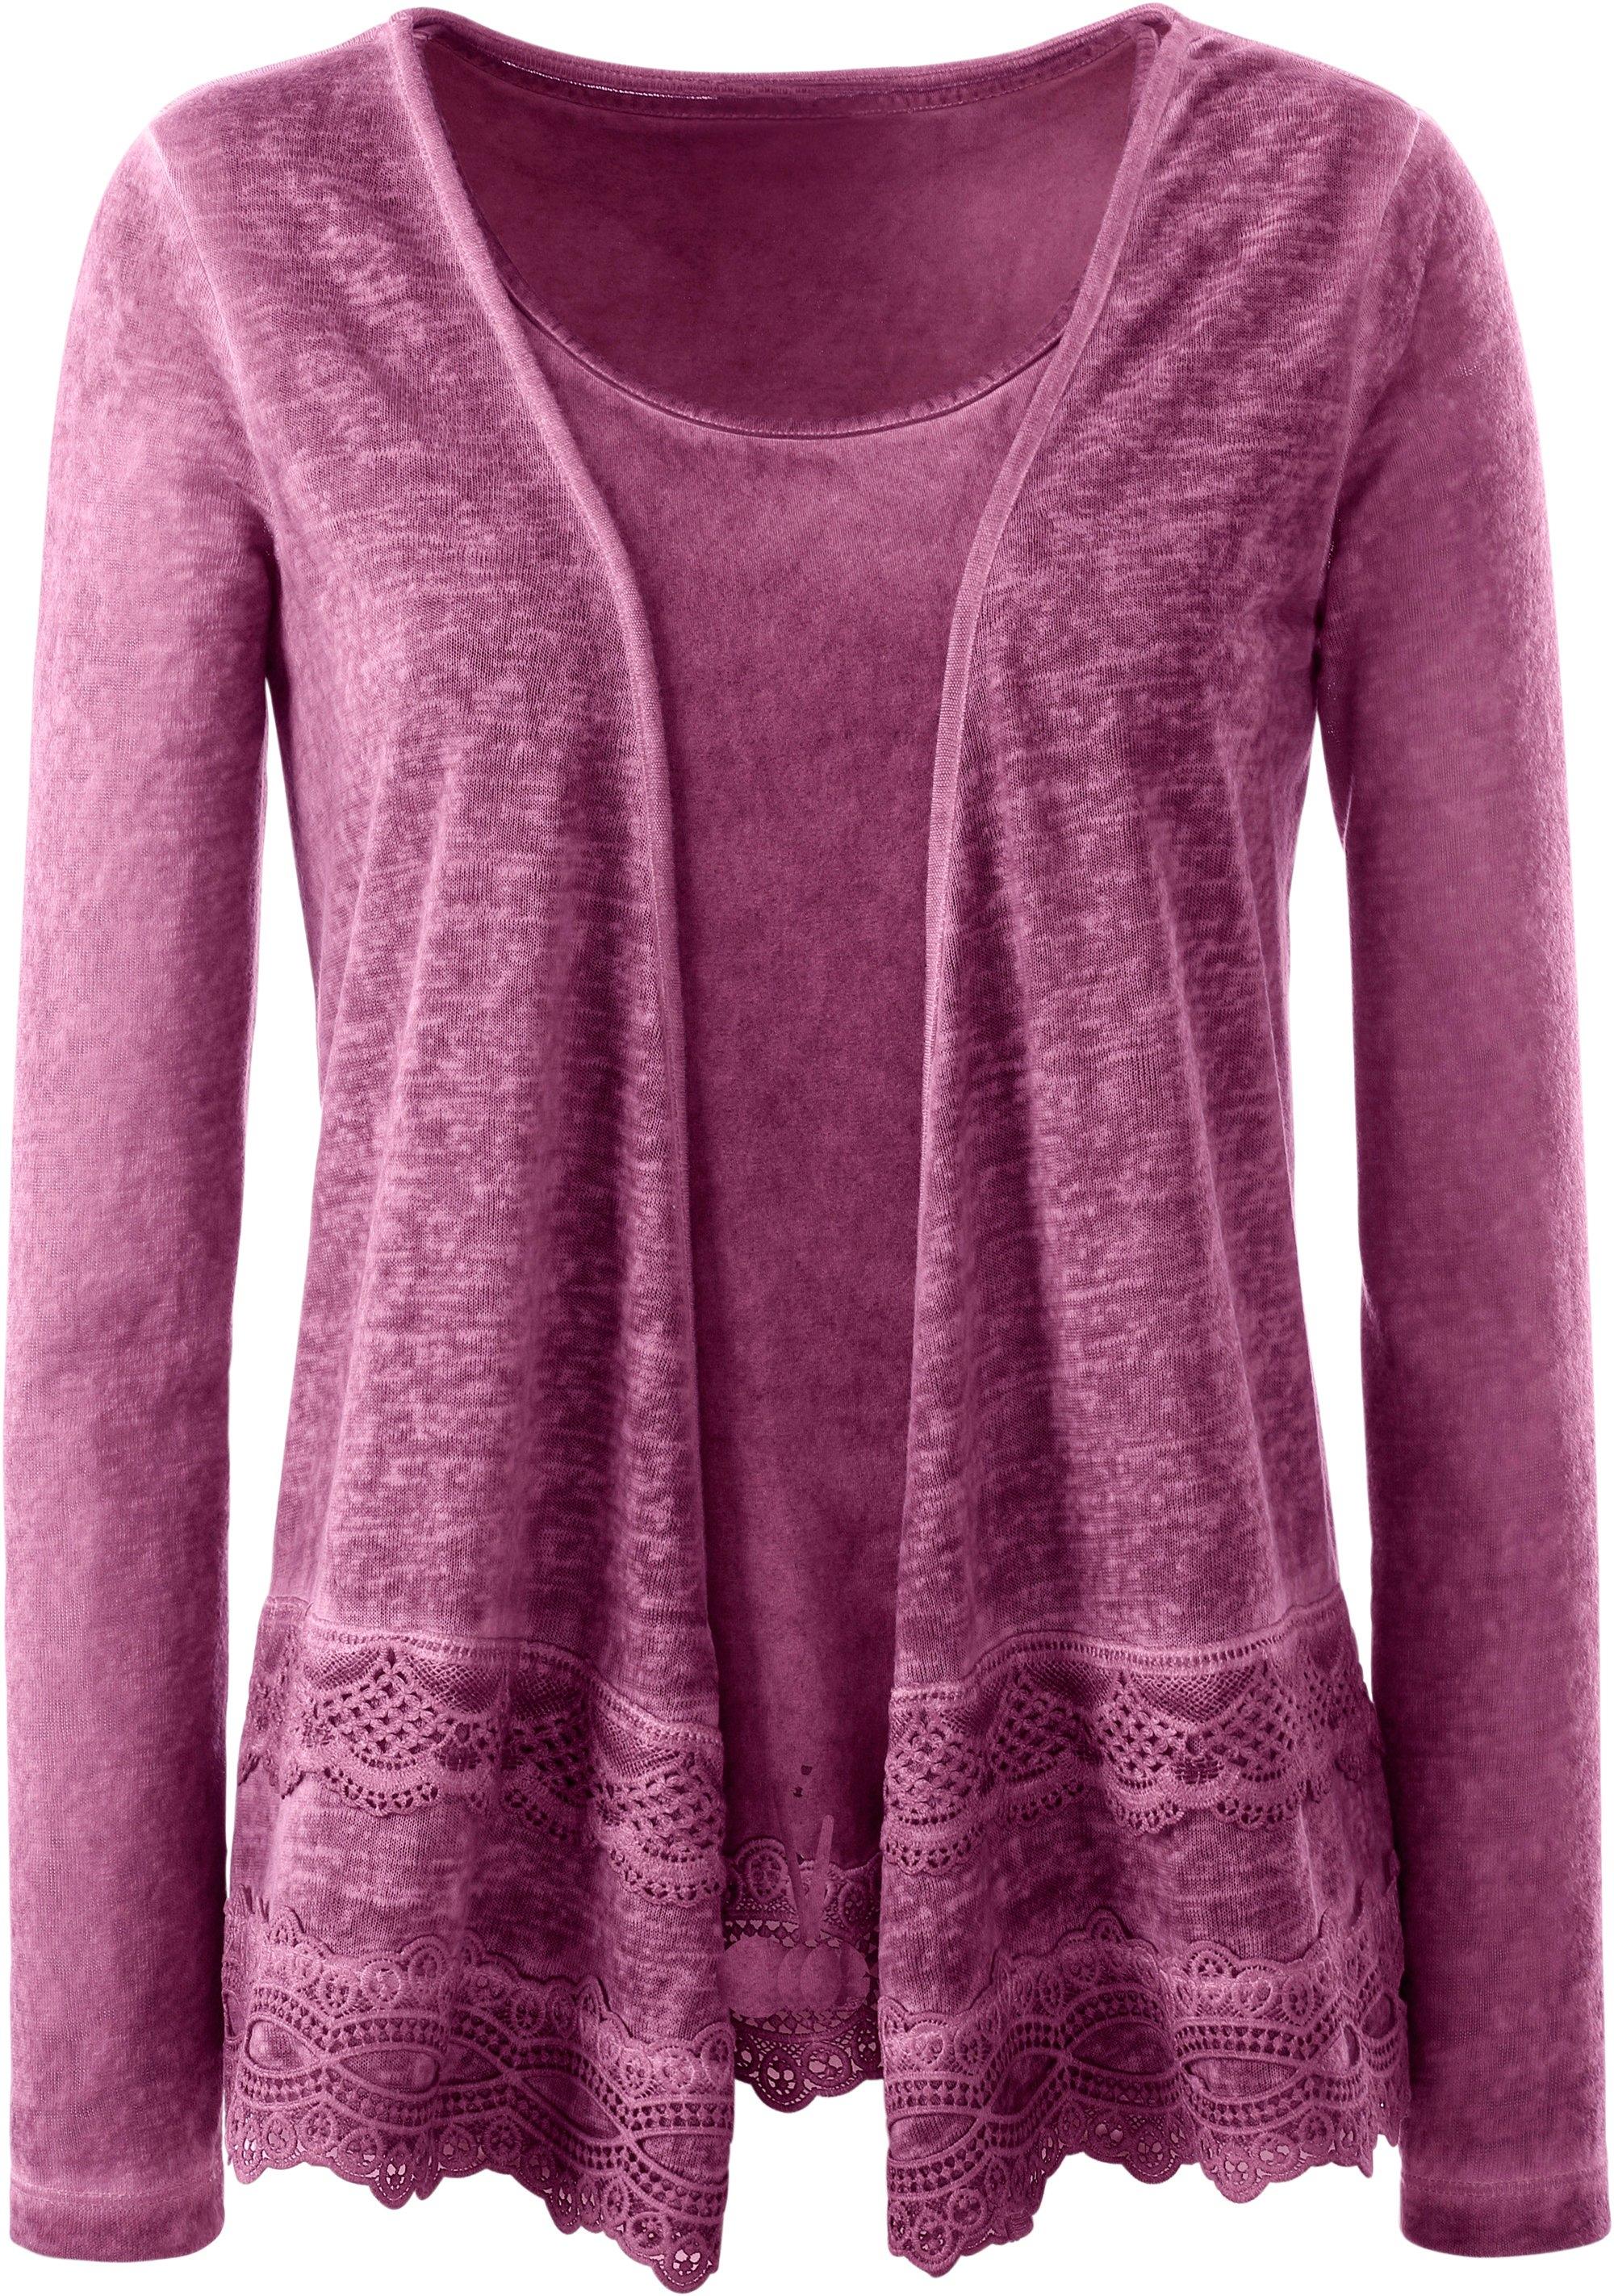 Ambria shirtjasje met royale kanten zoom bestellen: 14 dagen bedenktijd